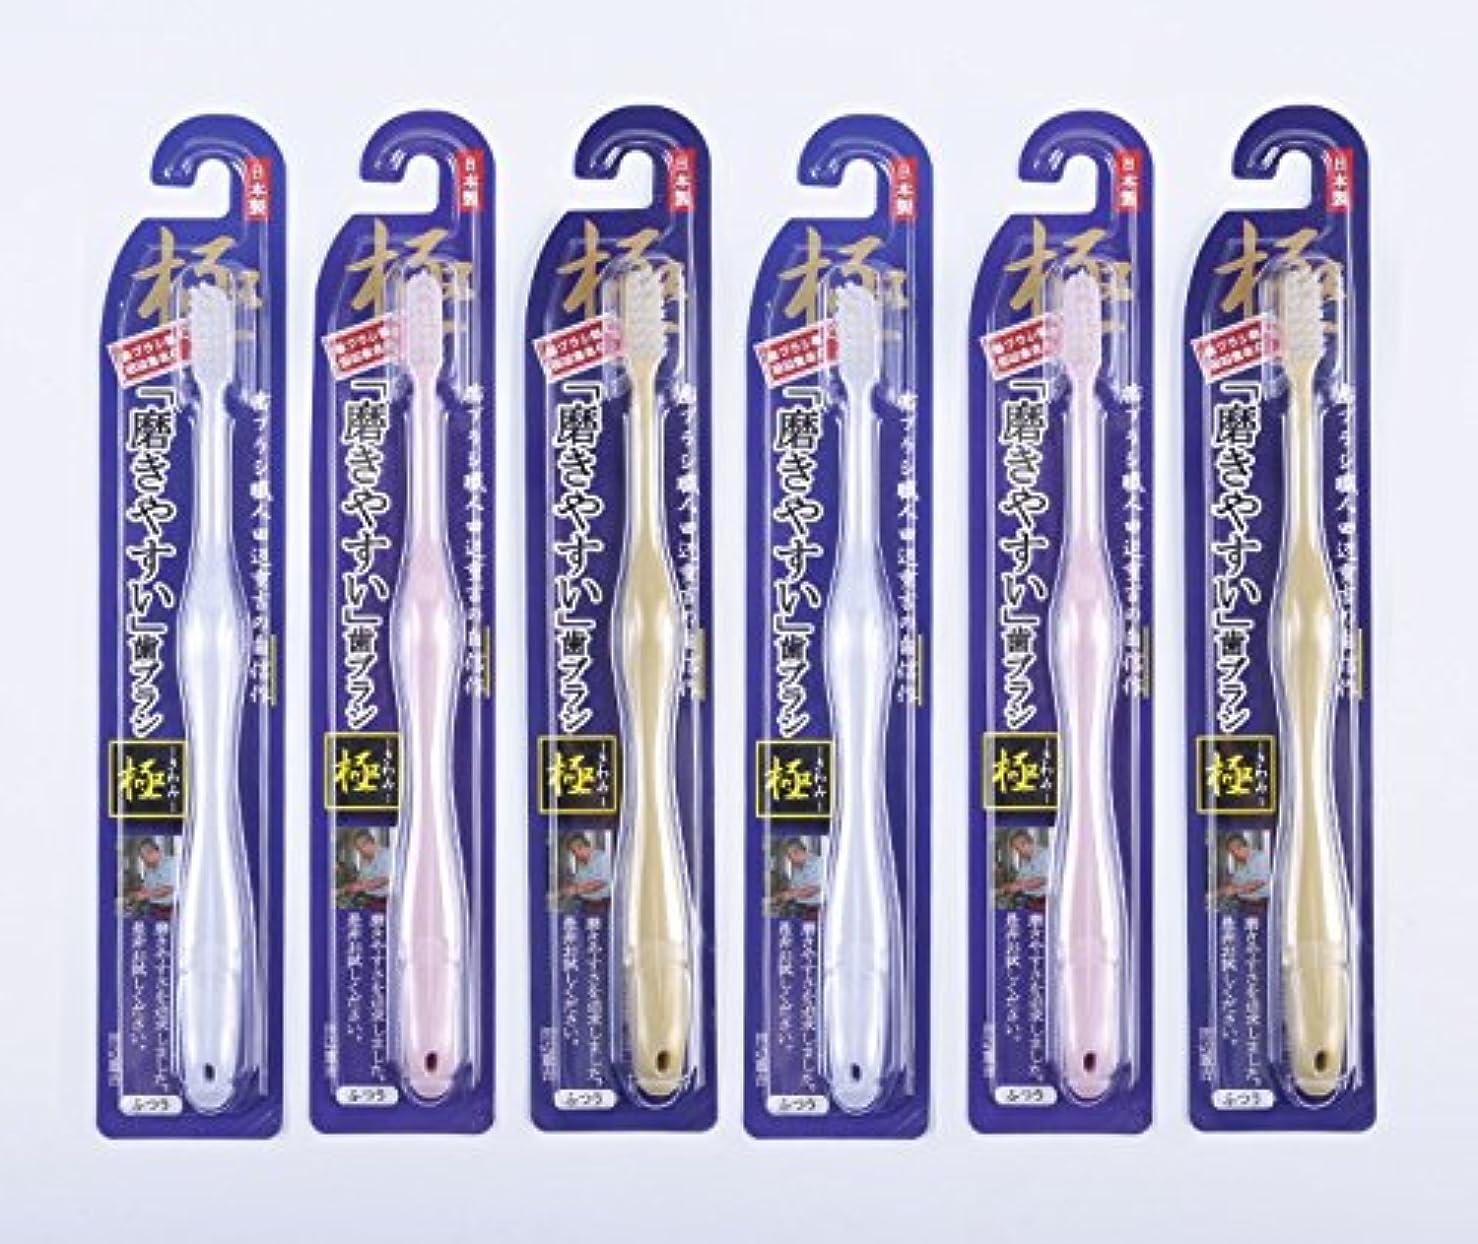 ミュージカル二層フィット歯ブラシ職人Artooth ® 田辺重吉の磨きやすい歯ブラシ 極 LT-09 (6本入)